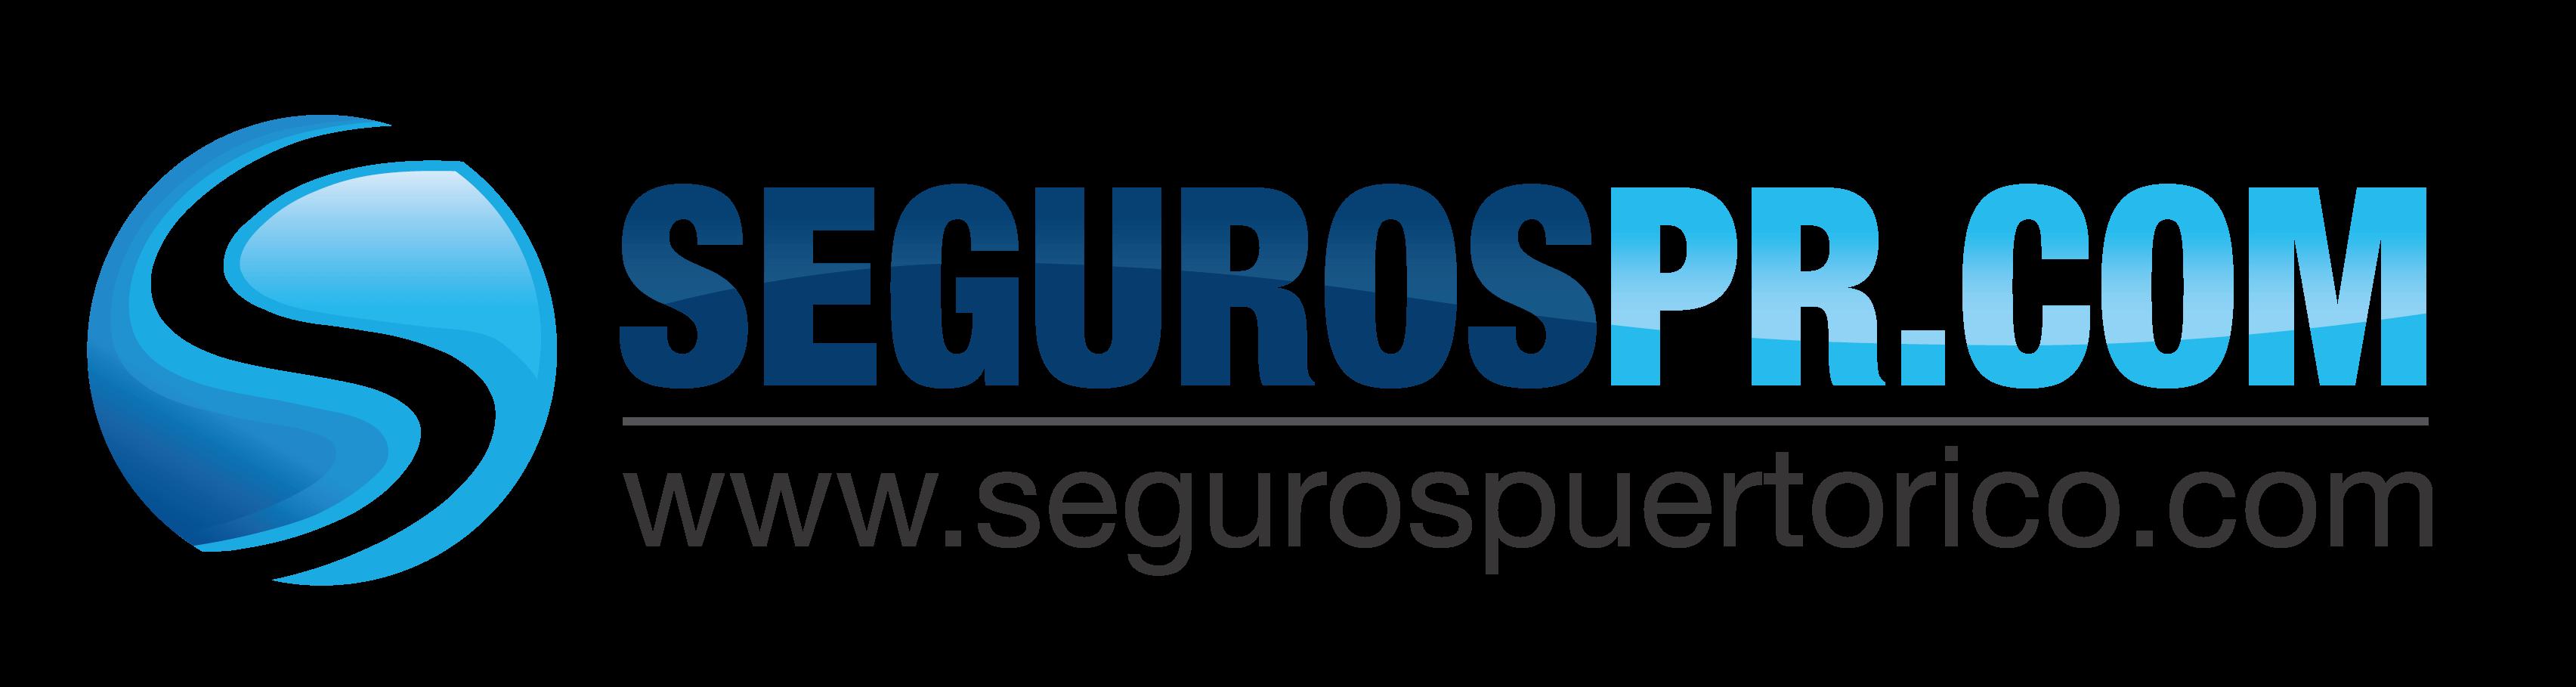 SegurosPR.com